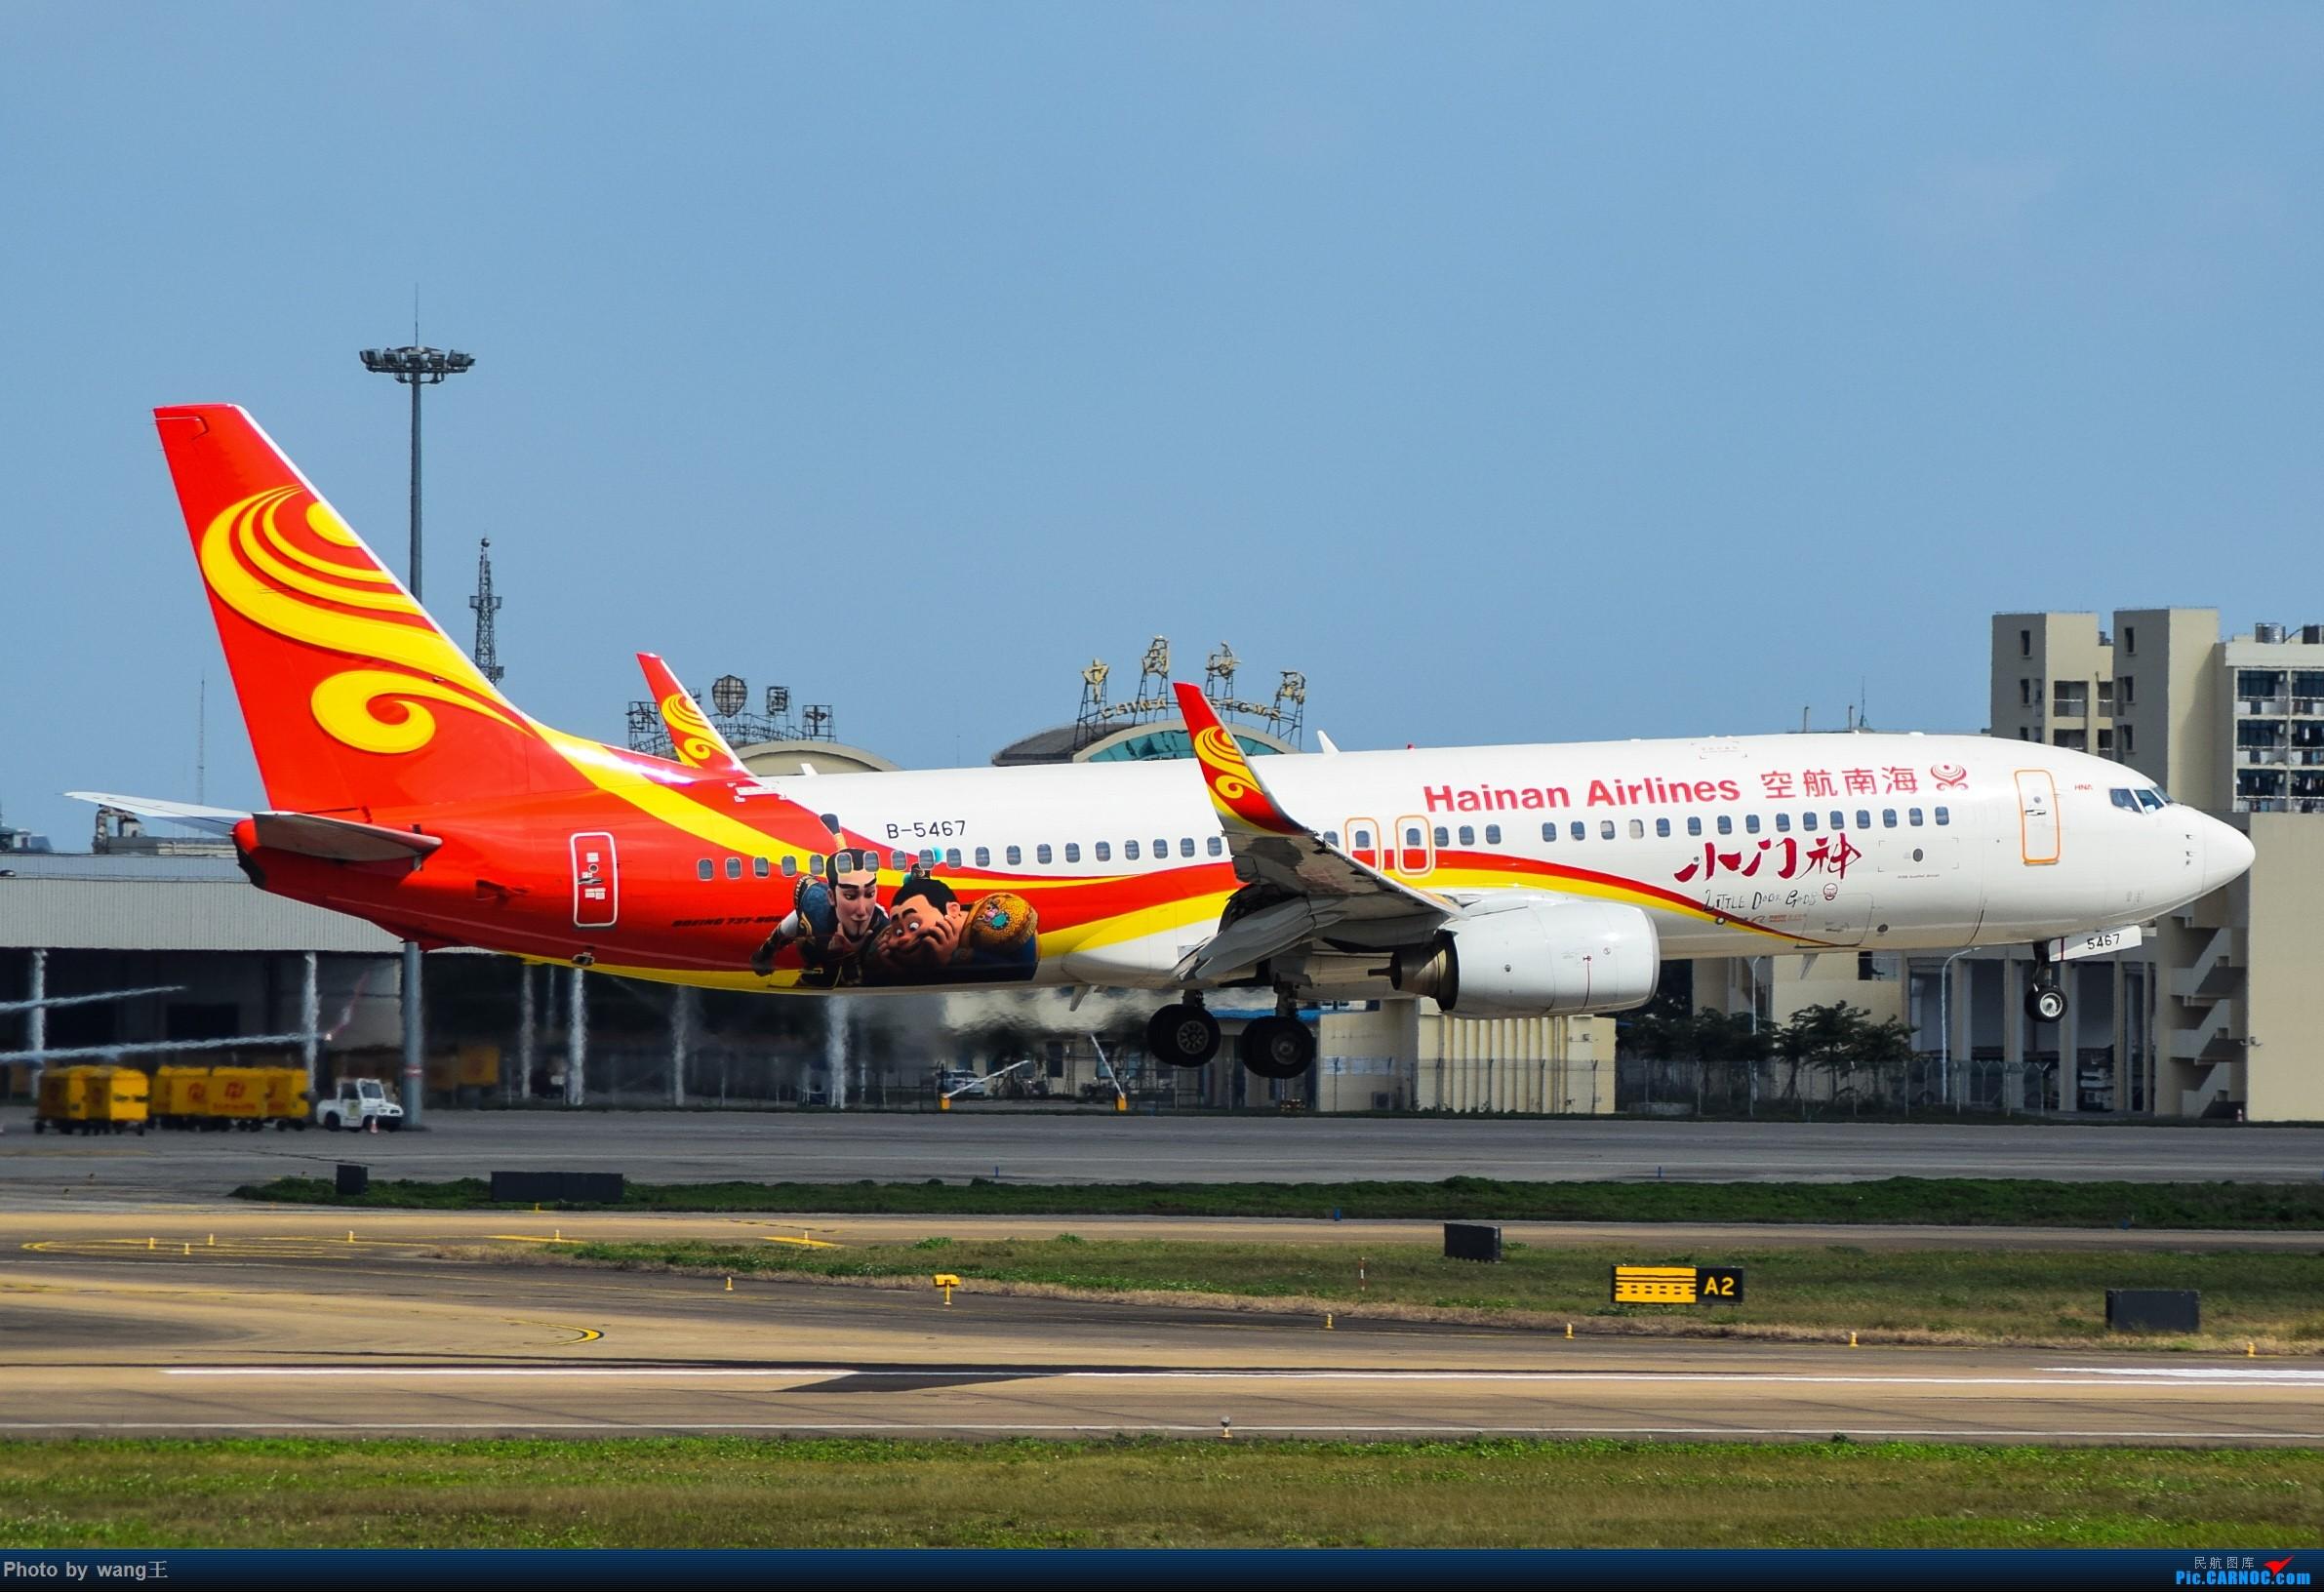 Re:[原创]记录HAK 2019的春运 BOEING 737-800 B-5467 中国海口美兰国际机场